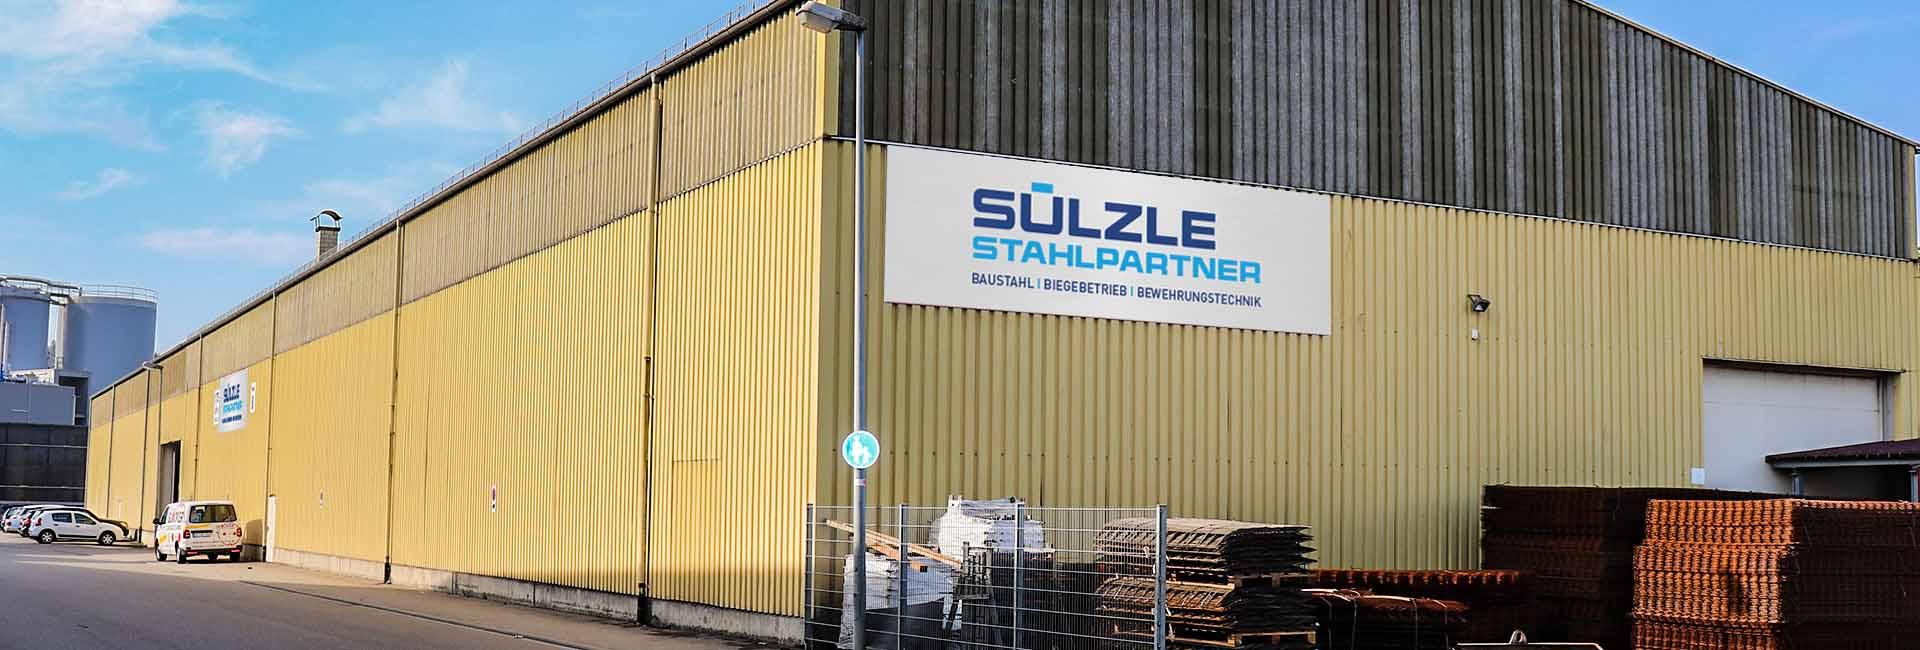 Der SÜLZLE Stahlpartner Standort in Stockach